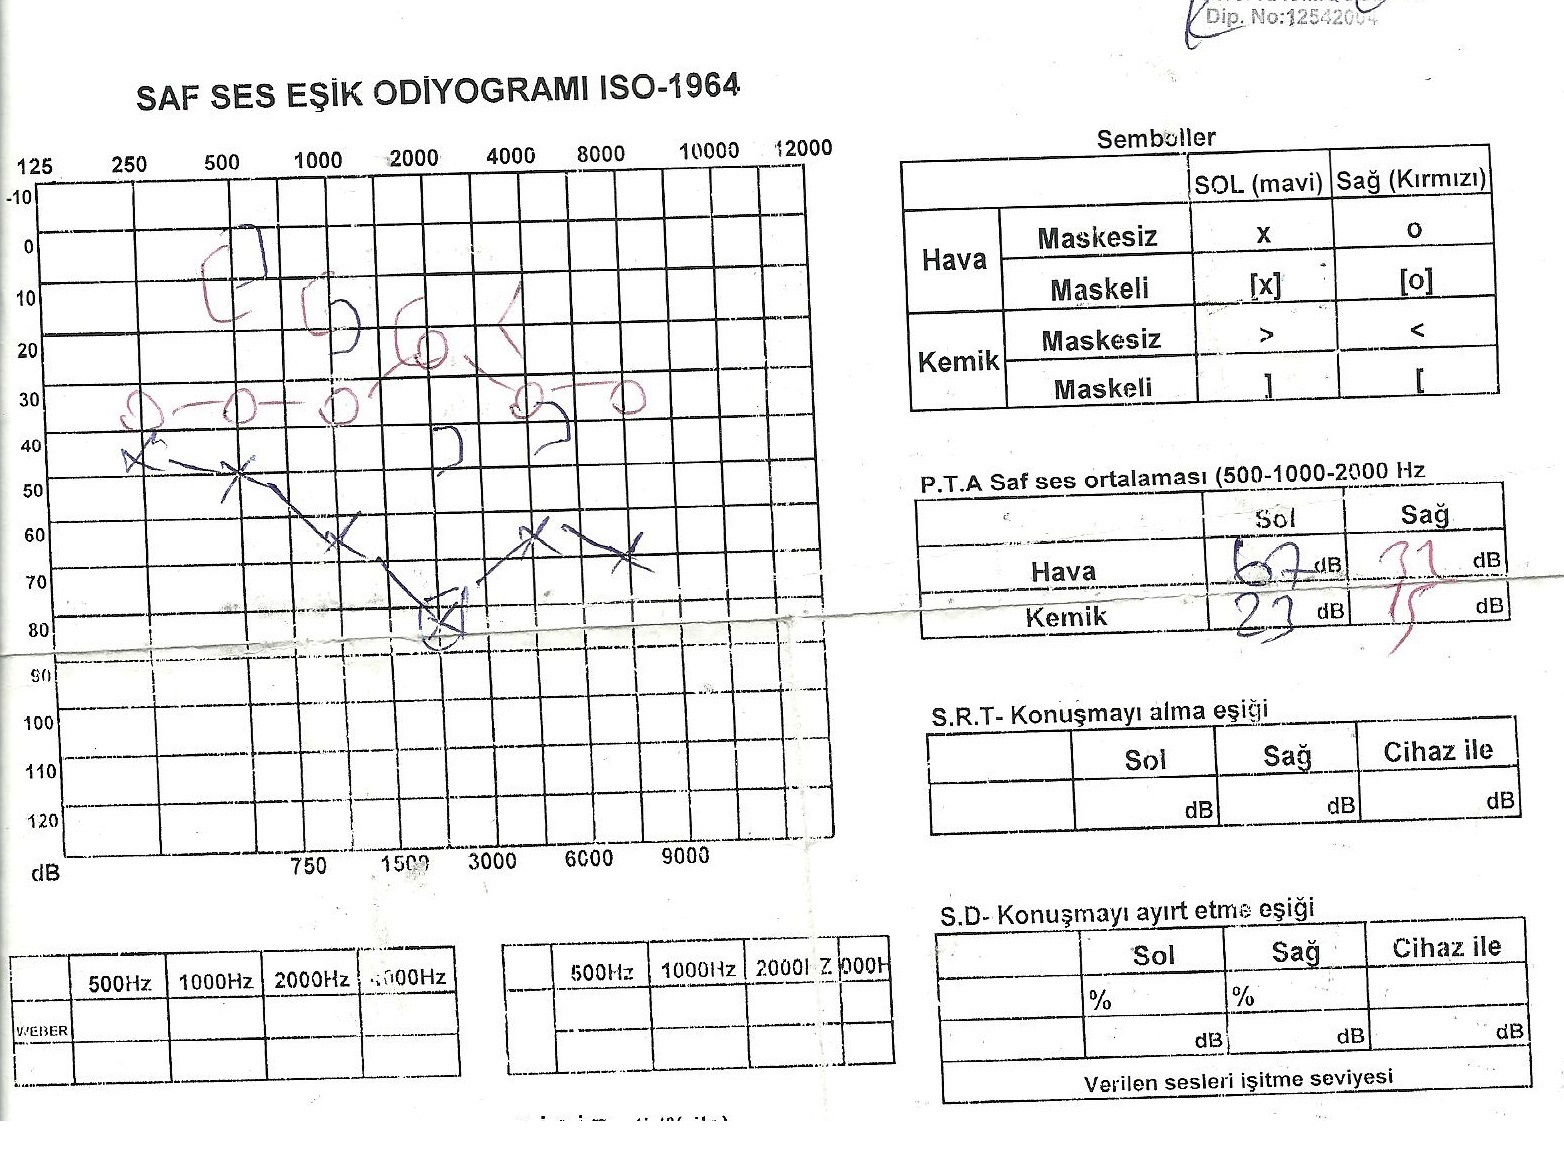 Dkz76z - İşitme testinden özür oranı hesaplanması